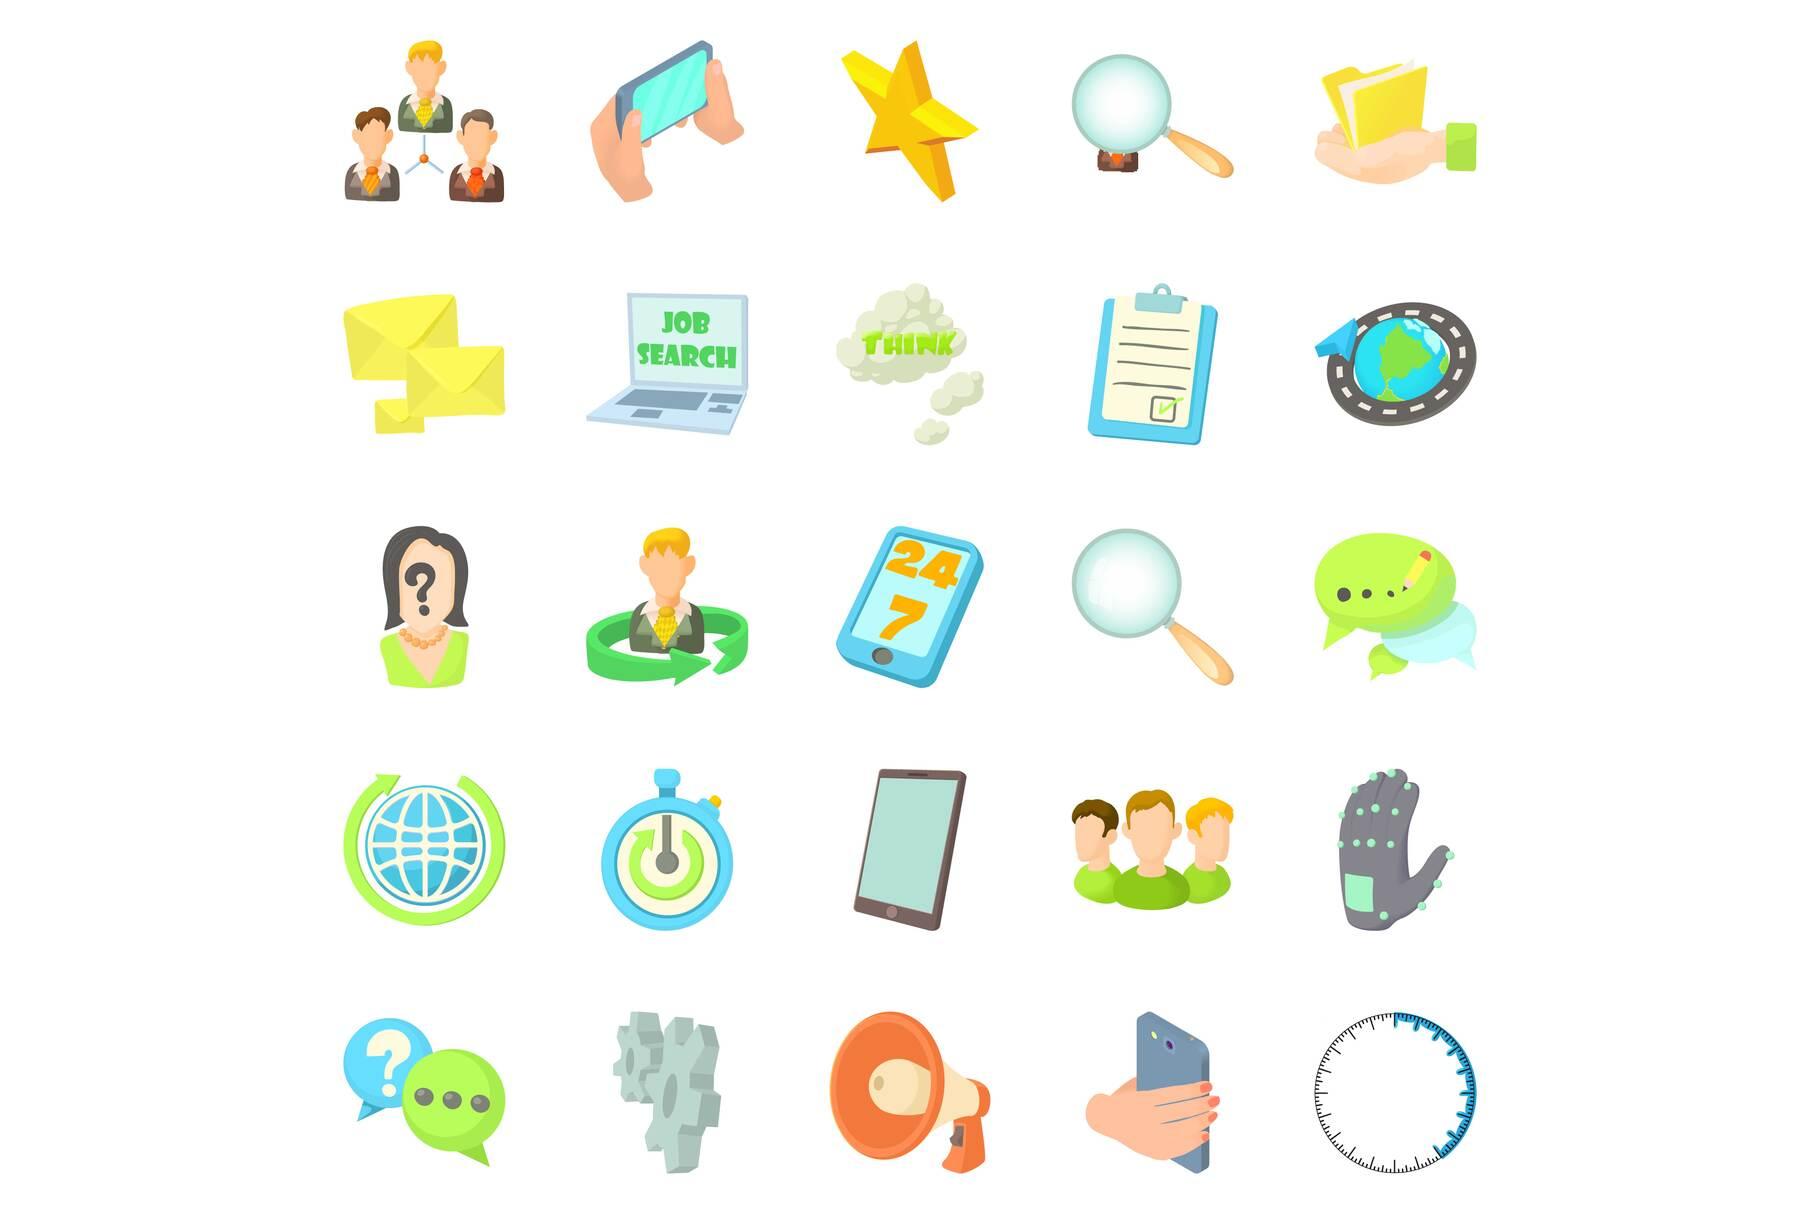 Buzz icons set, cartoon style example image 1